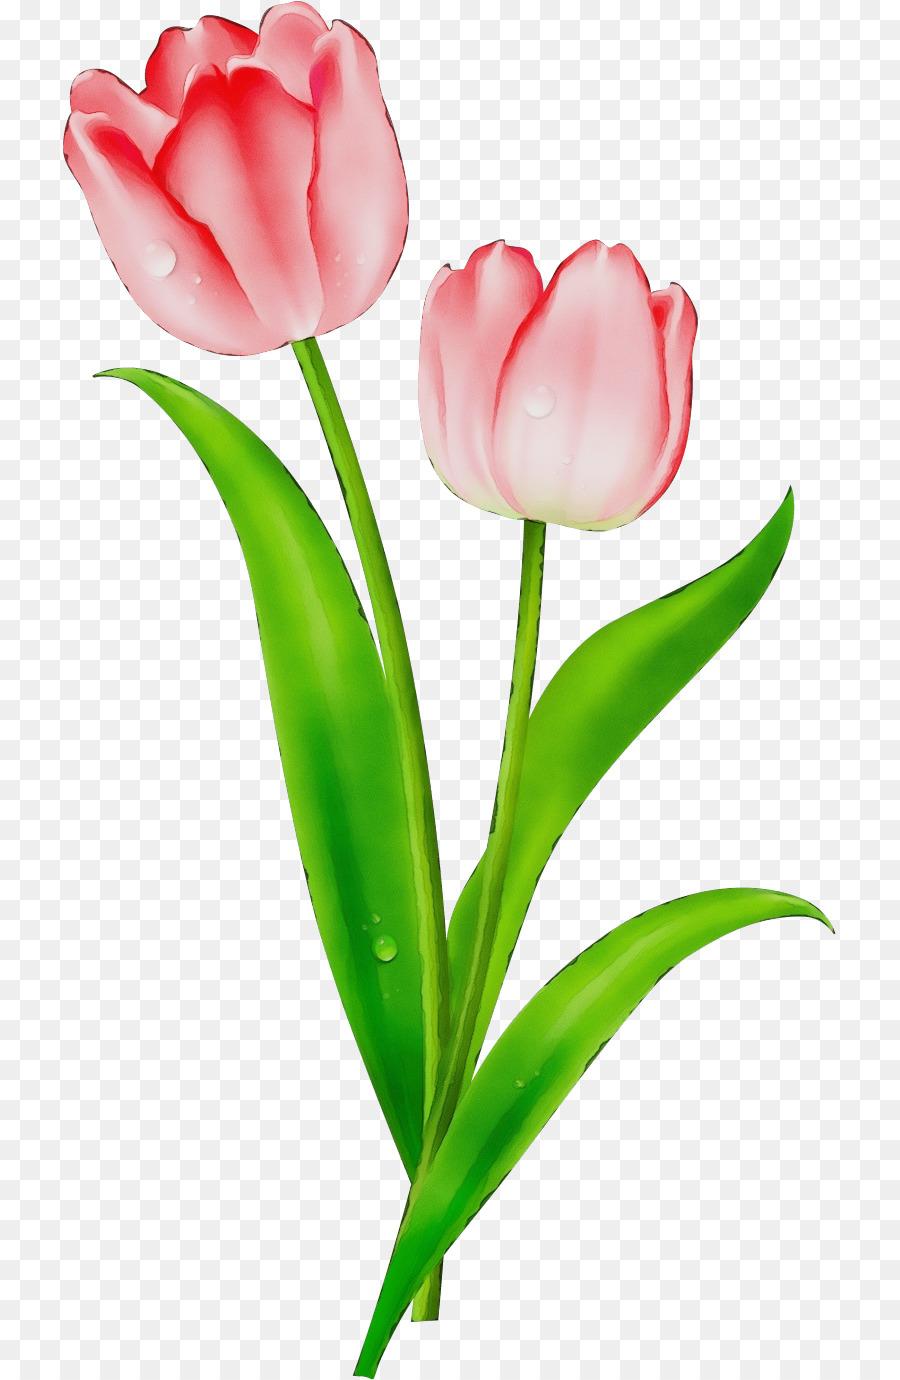 Descarga gratuita de Tulip, La Floración De La Planta, Flor Imágen de Png